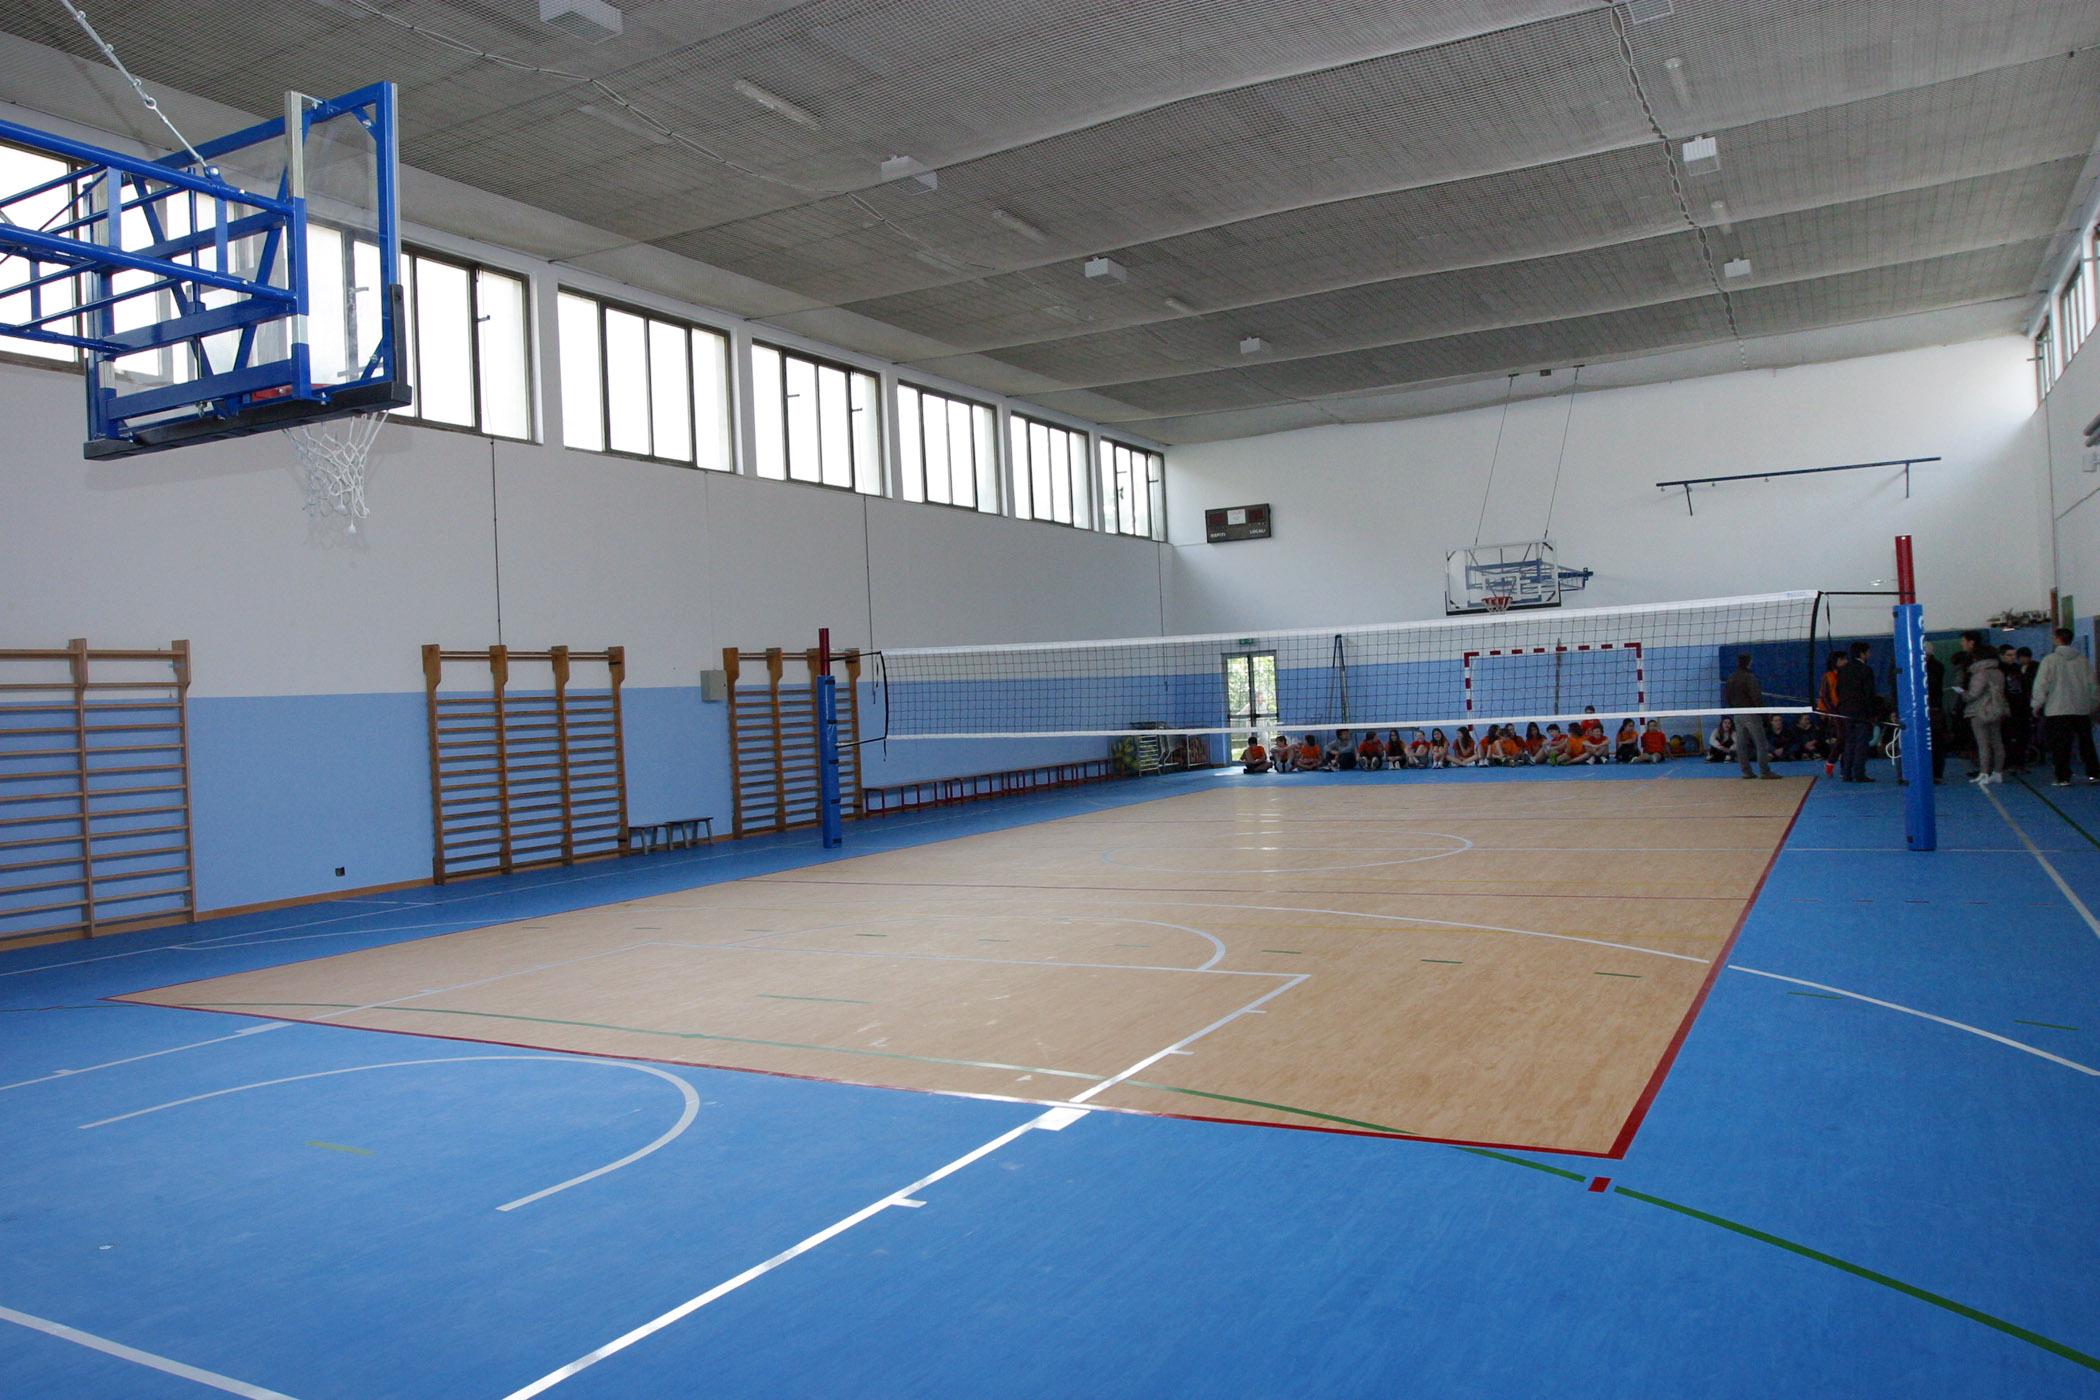 Palestra rinnovata alla scuola secondaria di primo grado g g trissino comune di vicenza - Palestre con piscina torino ...